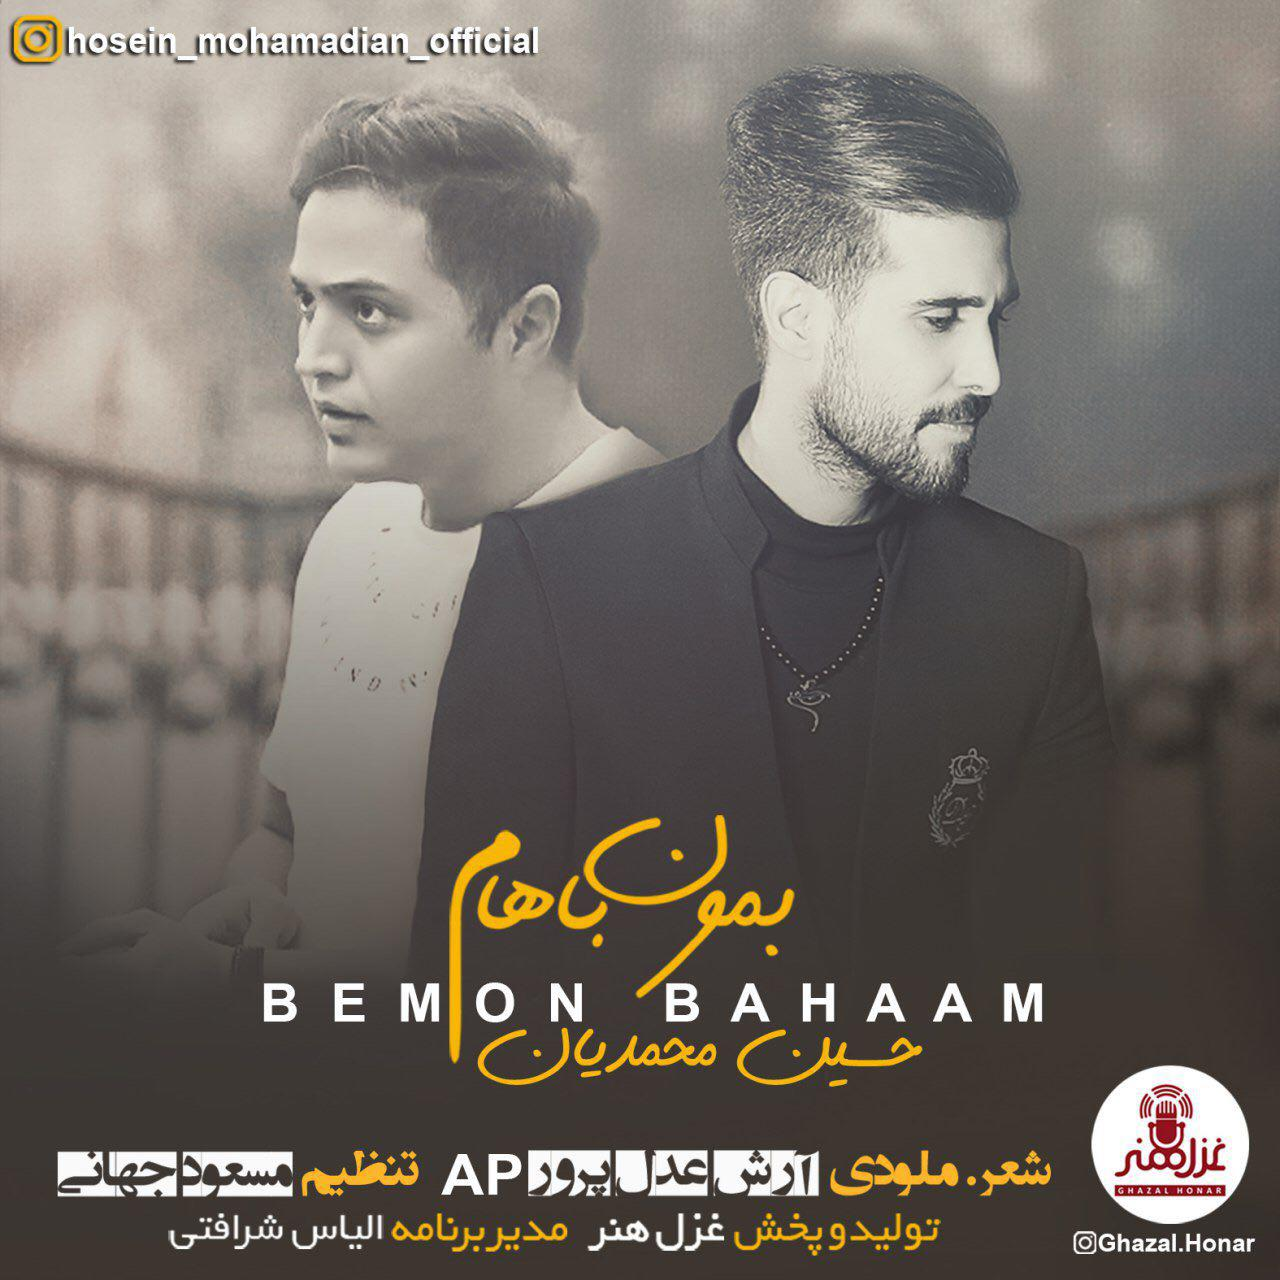 Hosein Mohamadian – Bemon Bahaam